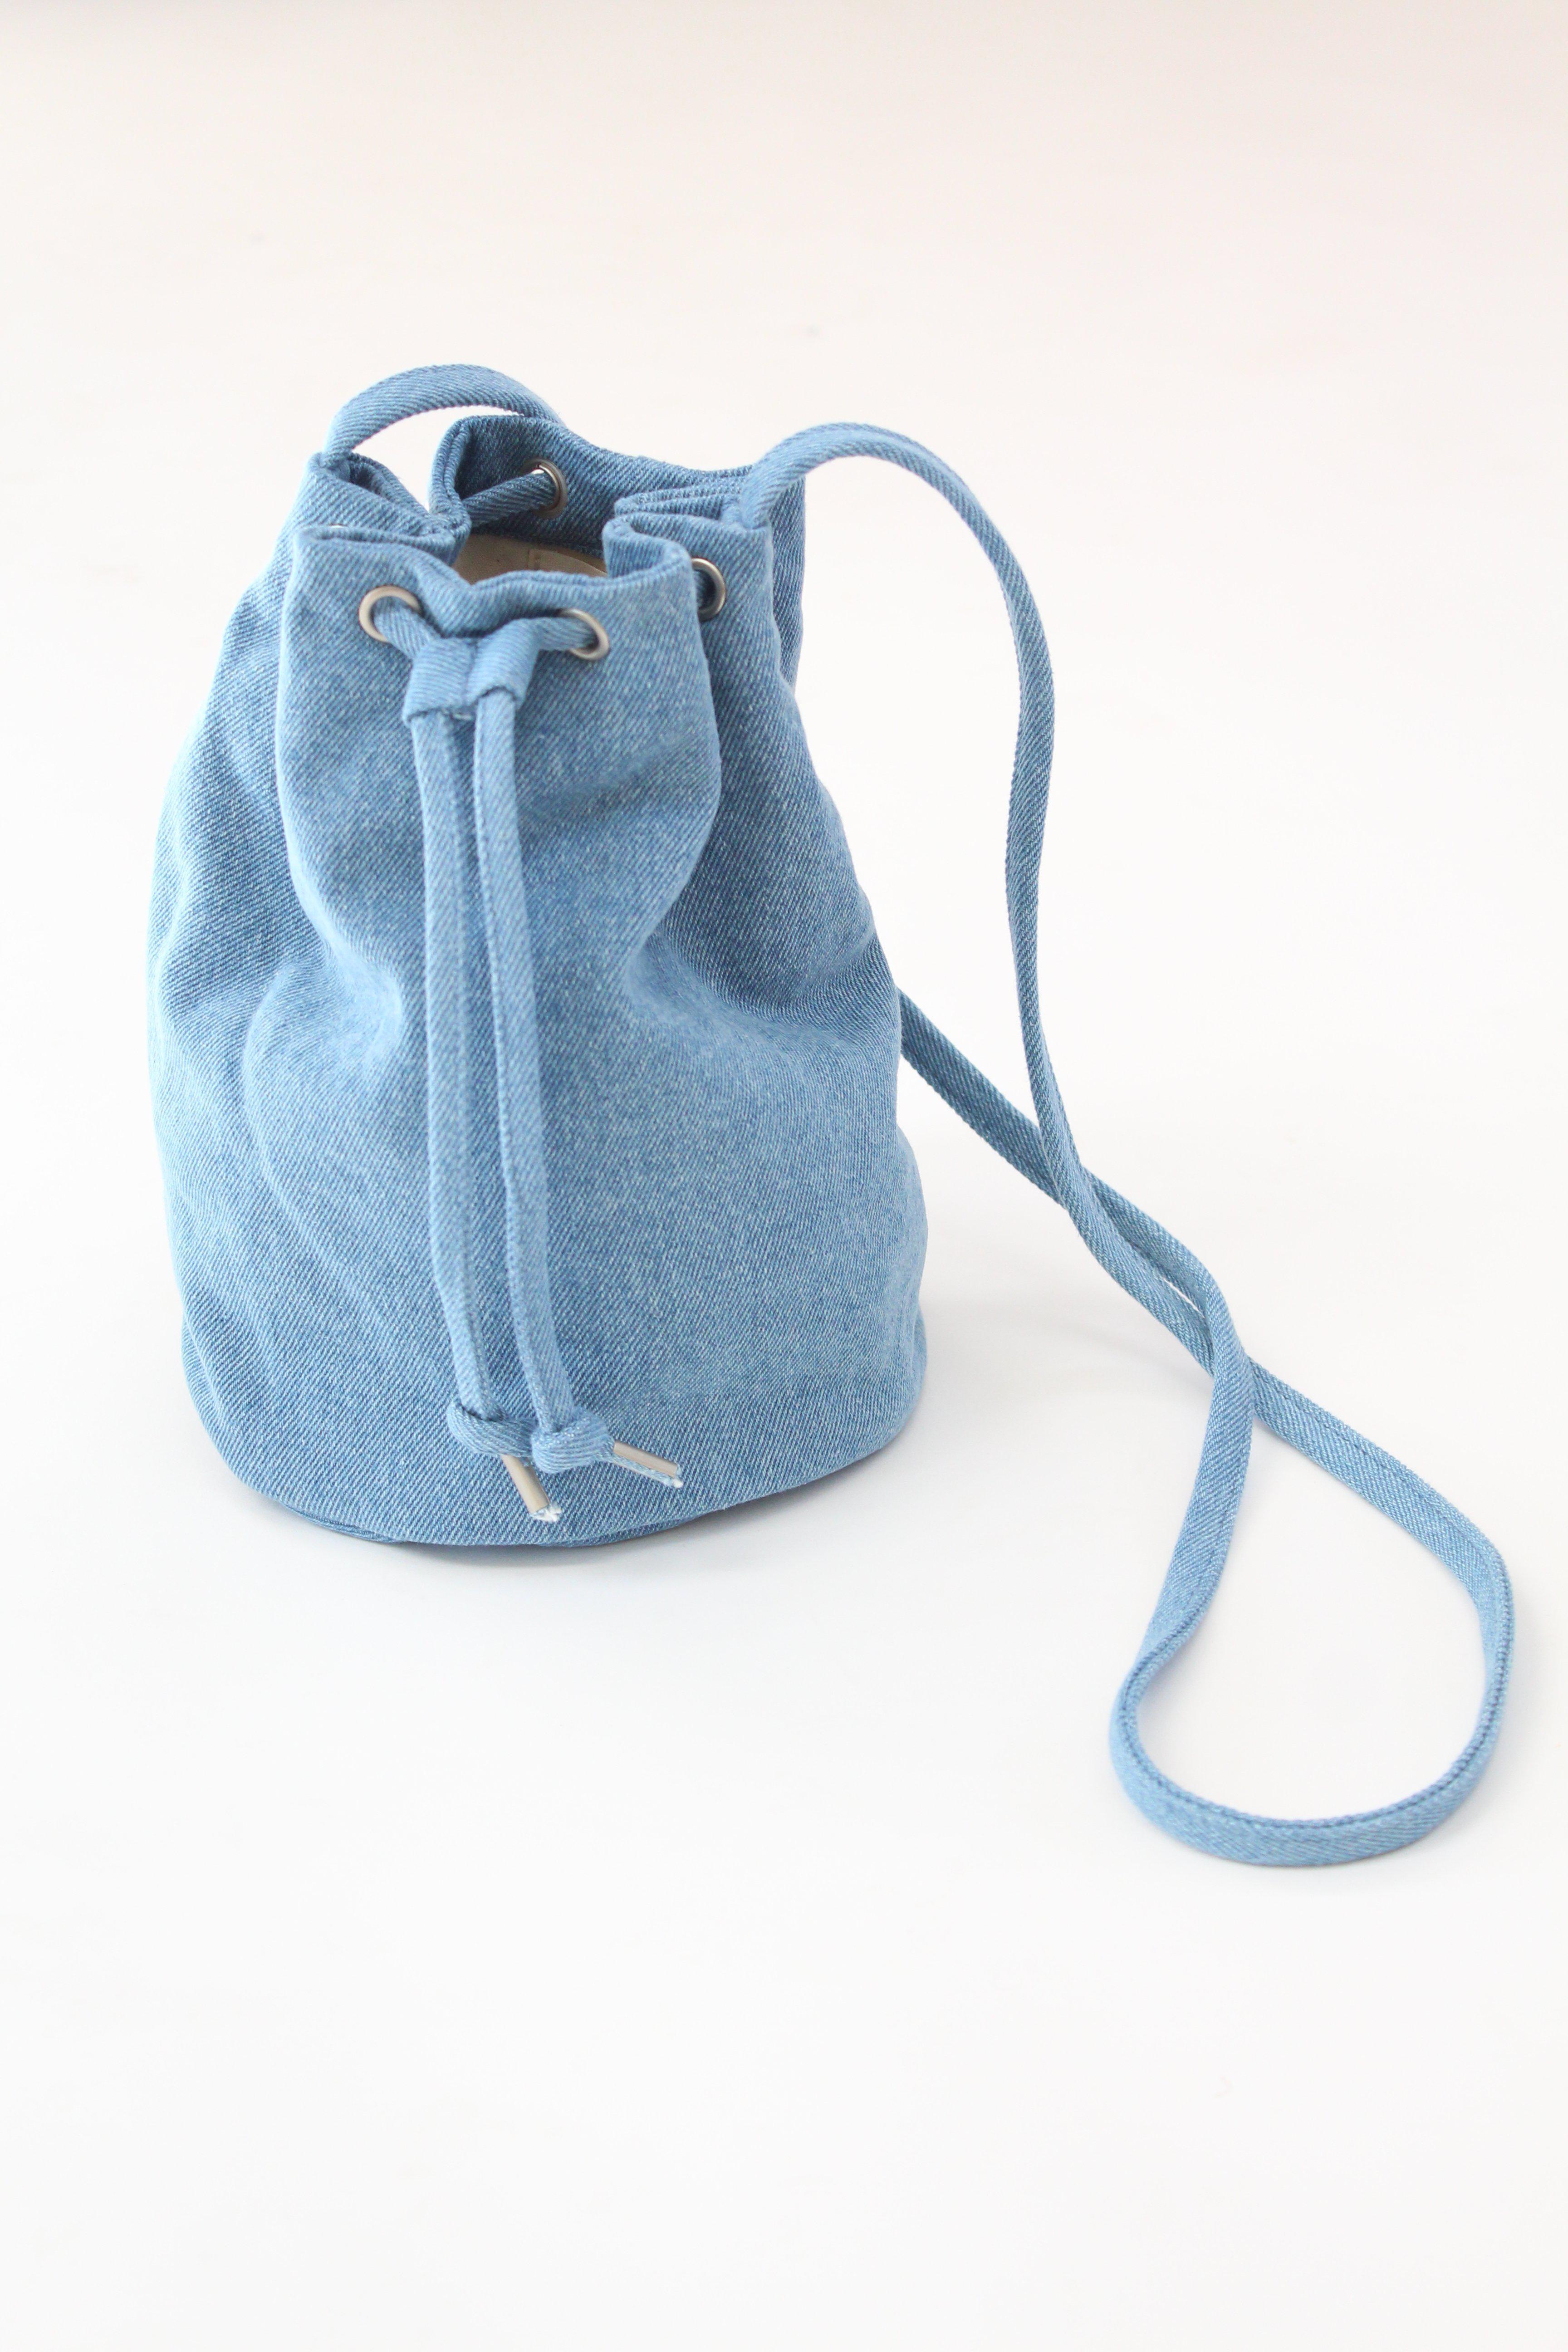 9f2fb5b5f BAGGU Canvas Drawstring Purse Washed Denim in Blue - Lyst